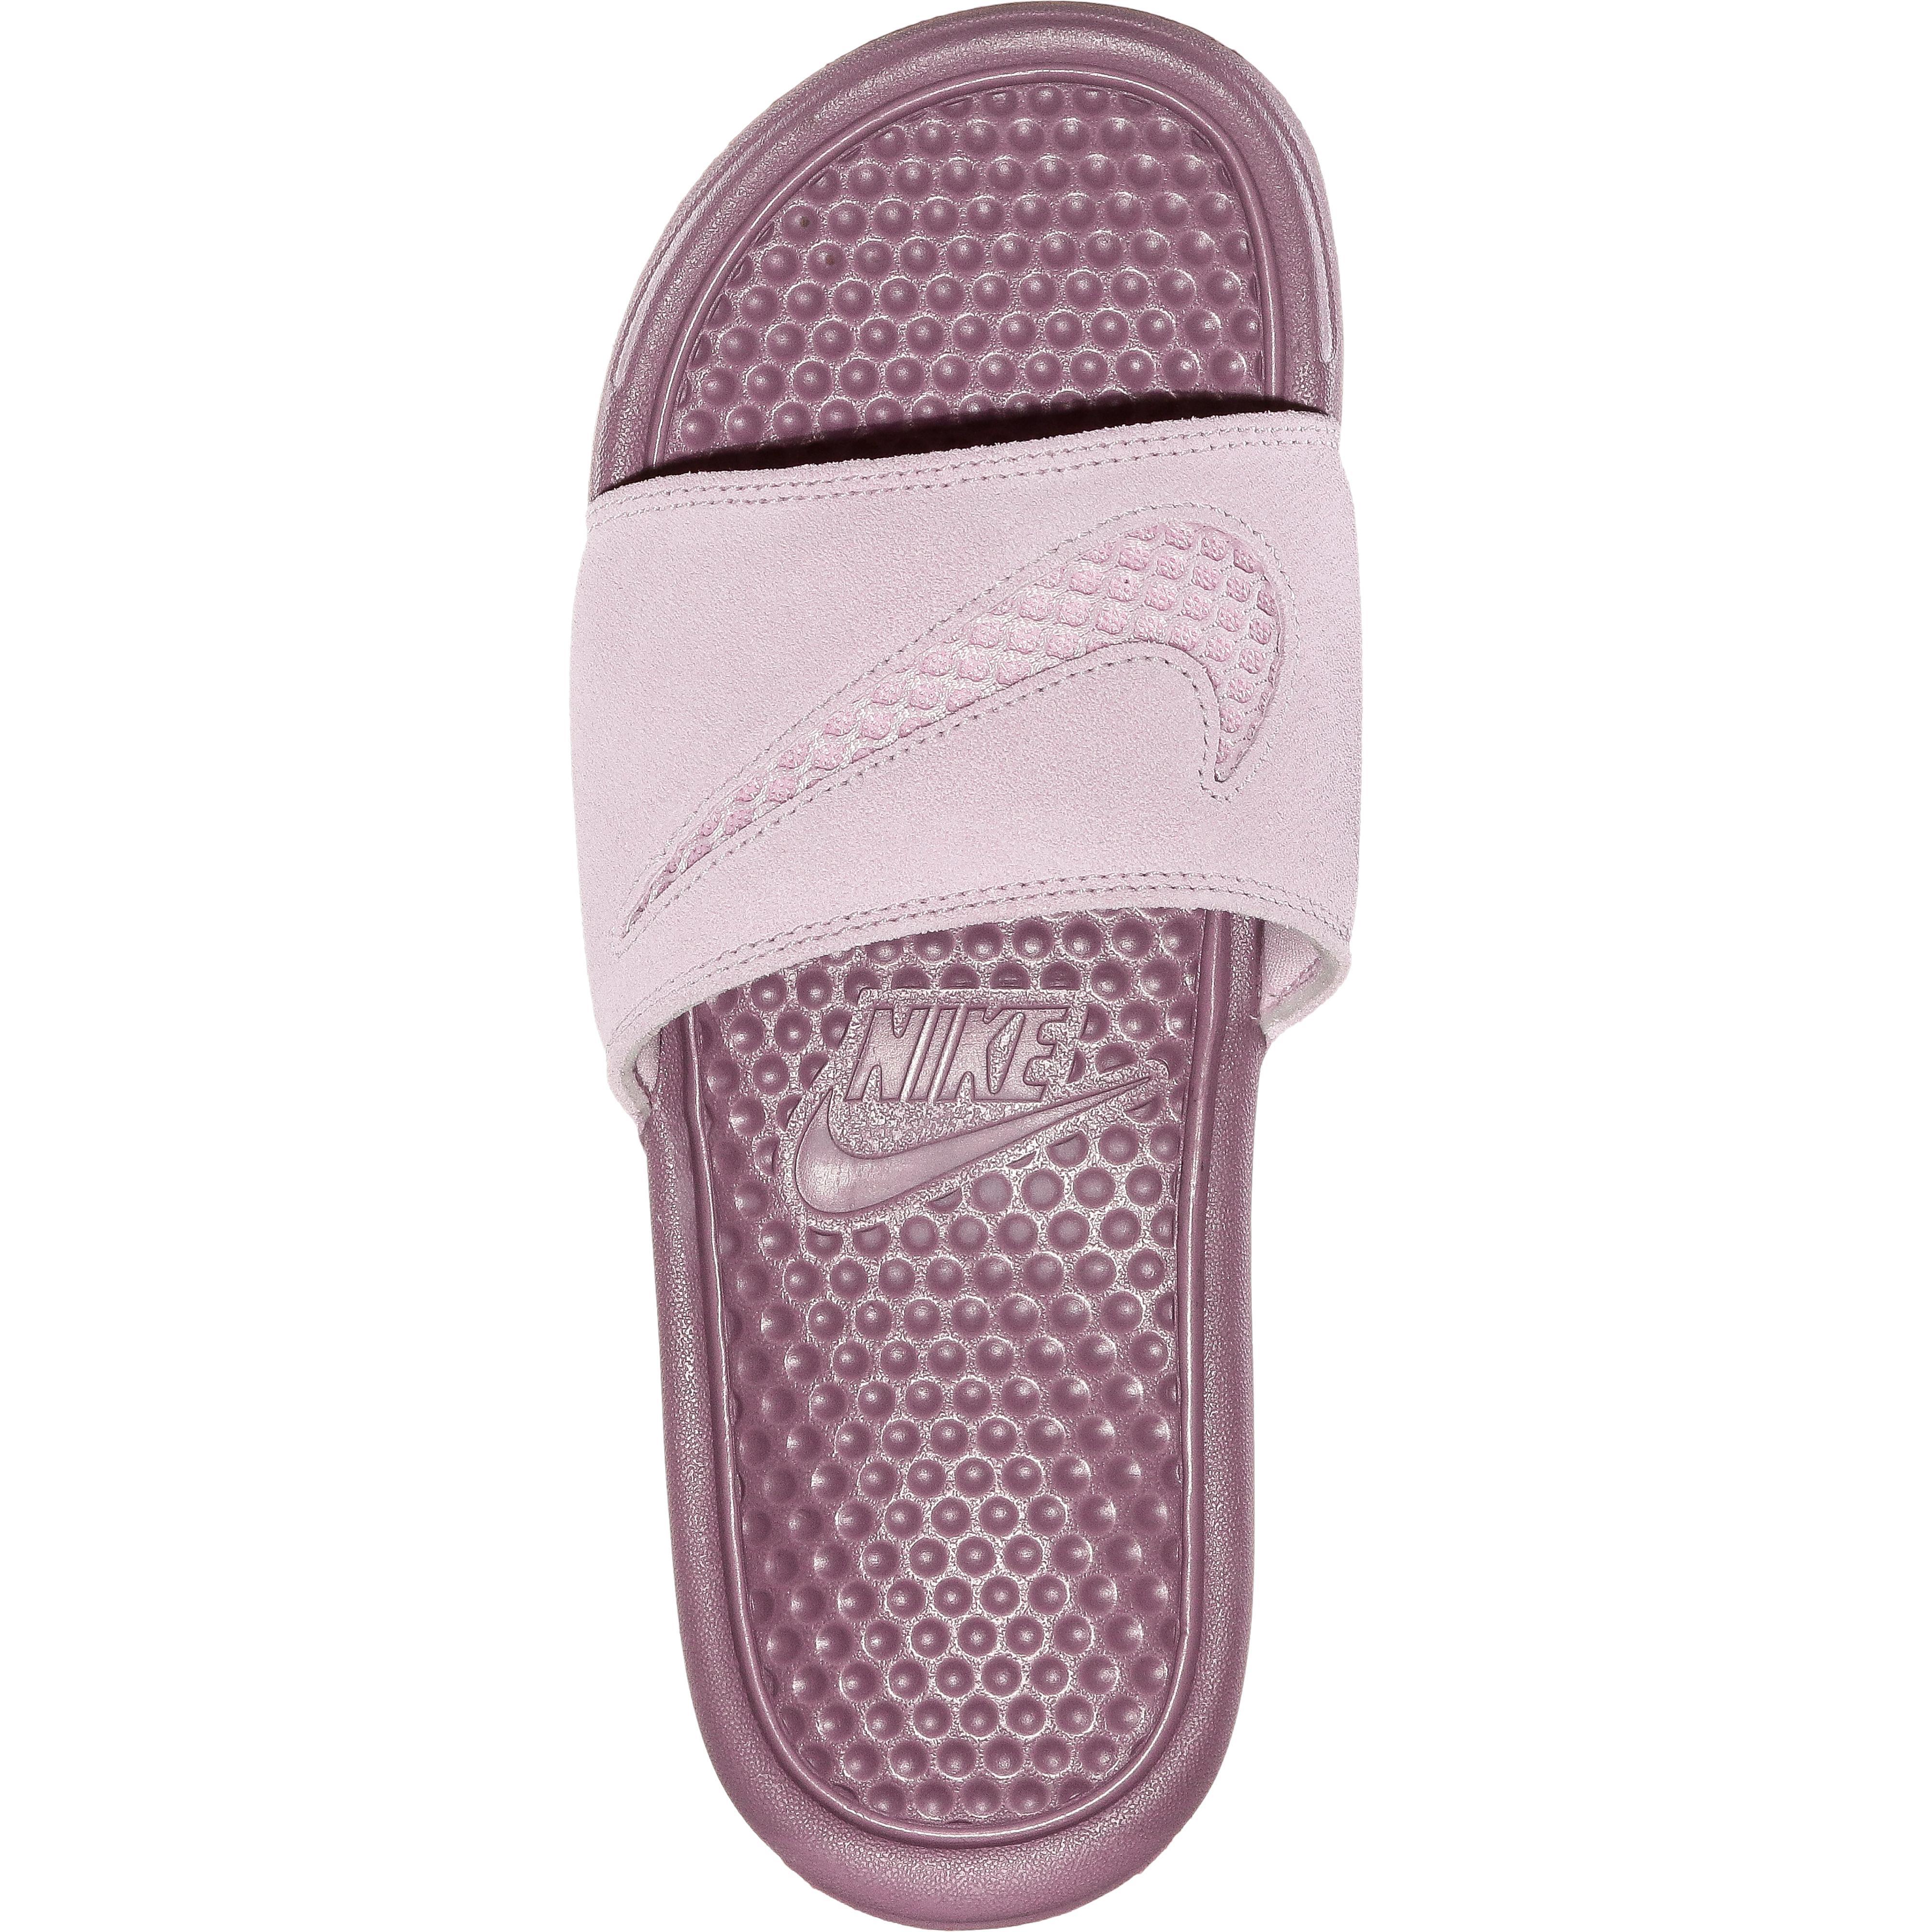 Nike Benassi JDI Sandalen Damen Rosa kaufen foam-Rosa foam-plum im Online Shop von SportScheck kaufen Rosa Gute Qualität beliebte Schuhe 7c0d0a